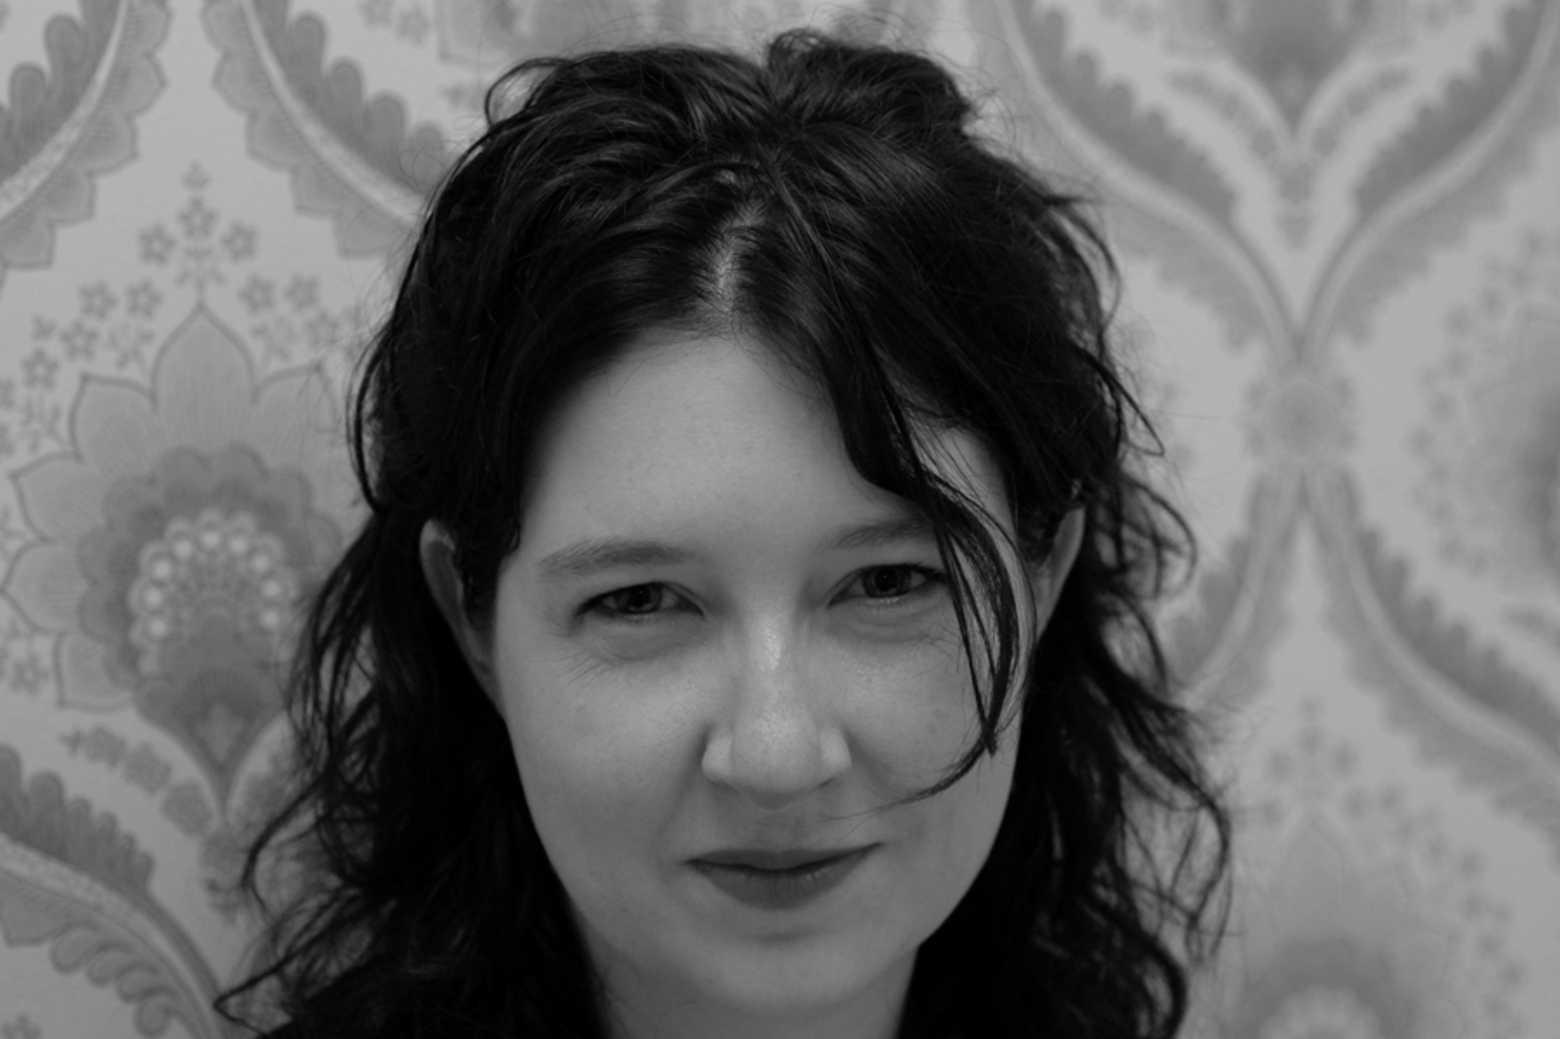 Poet Matthea Harvey